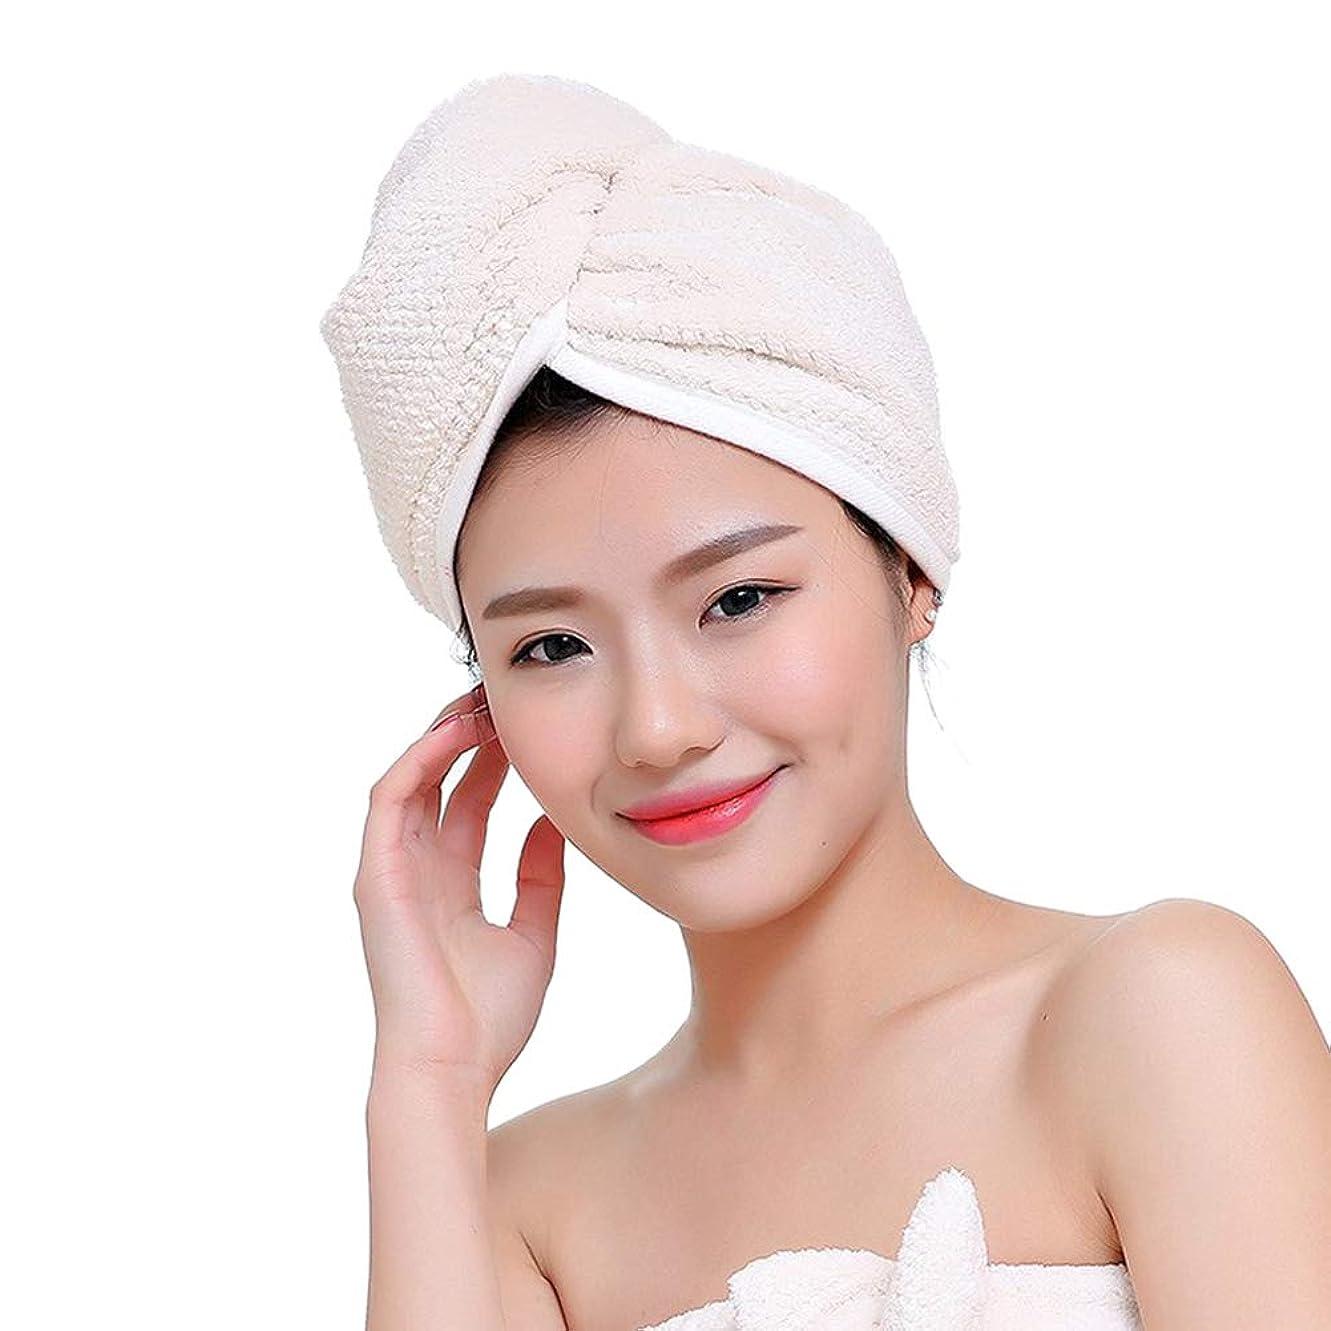 ラフ綺麗な依存Xigeapg 女性用シャワータオル浴室タオルヘアタオルバスタオル大人用 バスタオルタオルホワイト